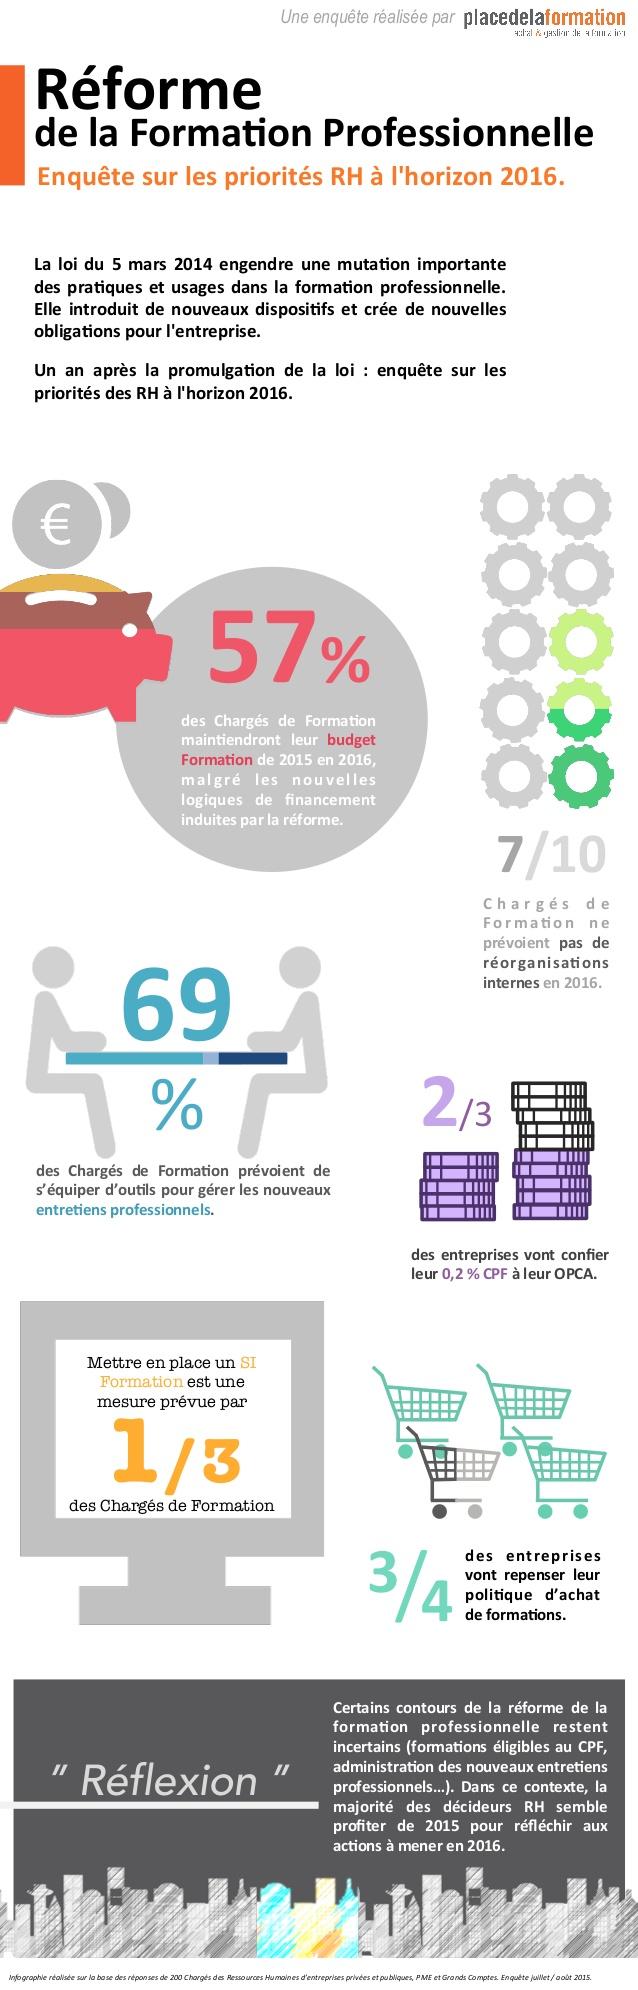 réforme formation professionnelle rh infographie